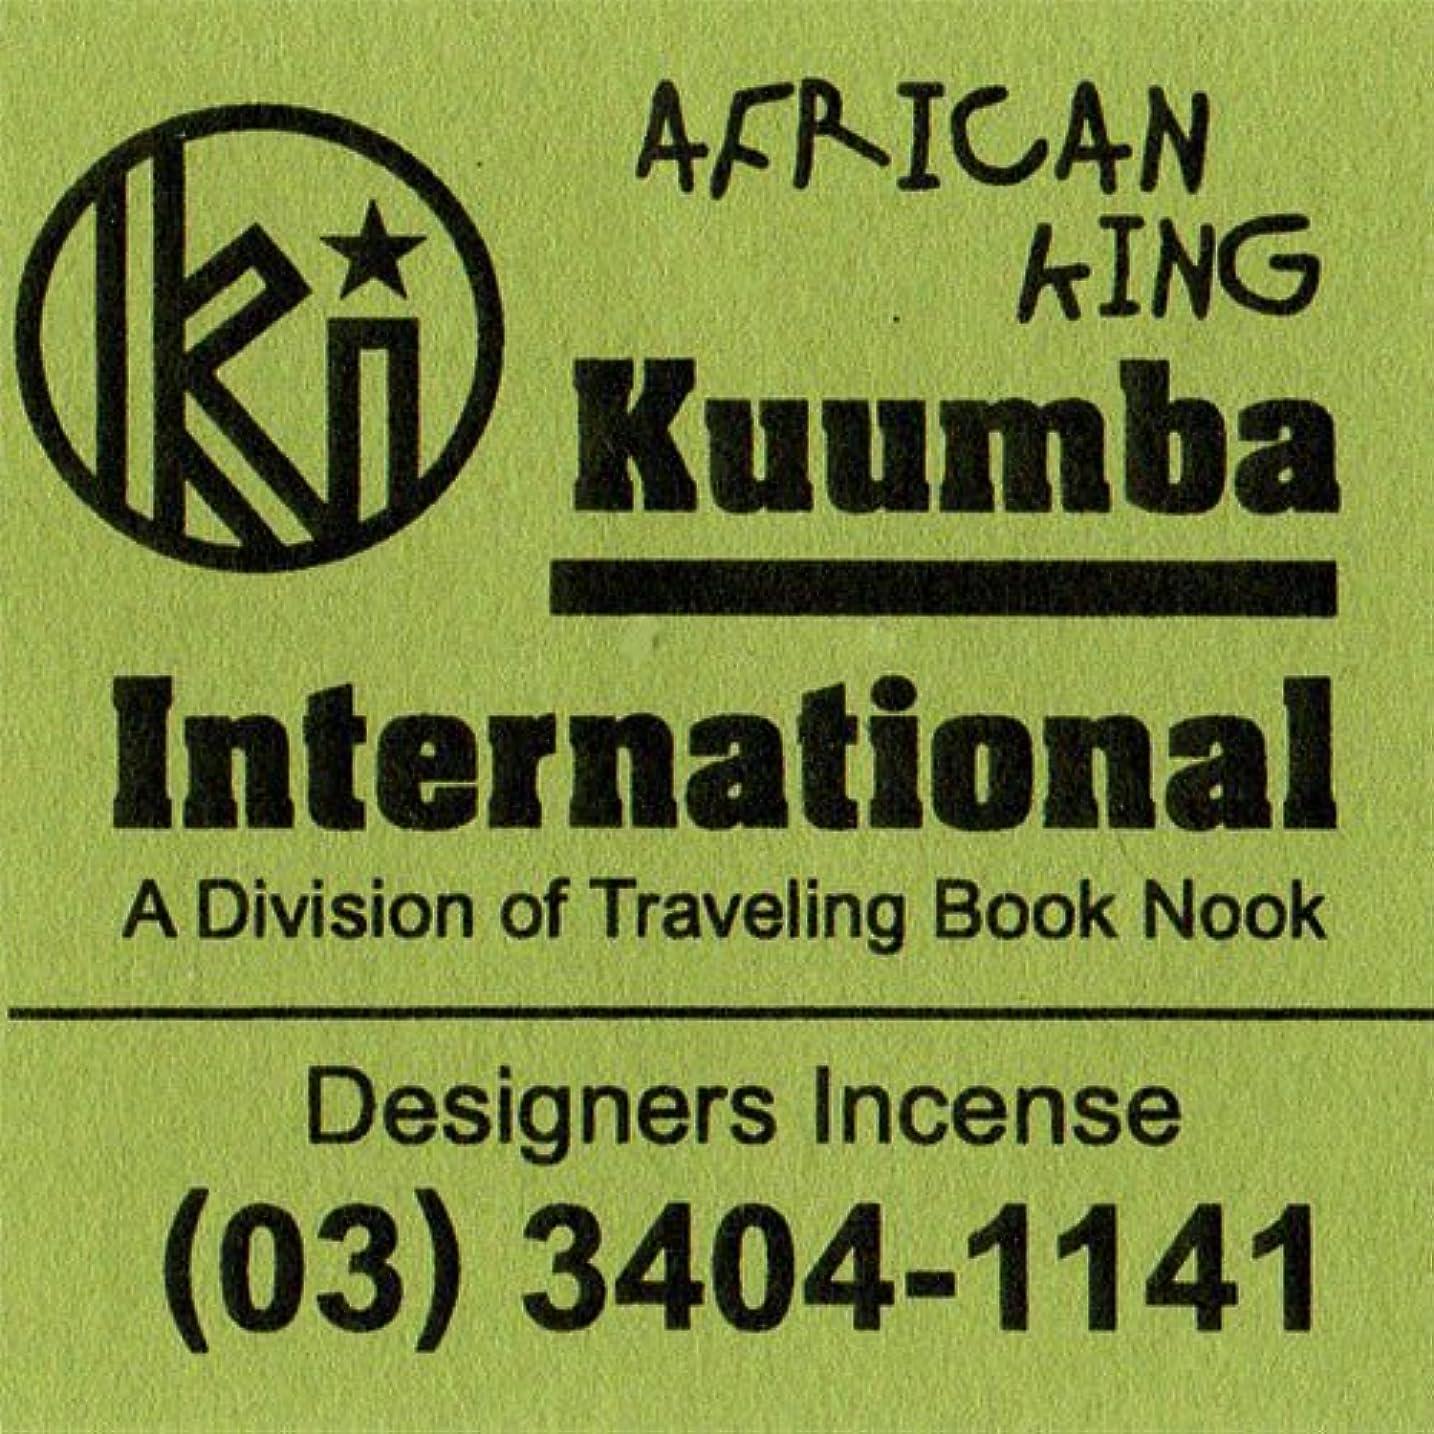 野心的すぐにドナーKUUMBA/クンバ『incense』(AFRICAN KING) (Regular size)